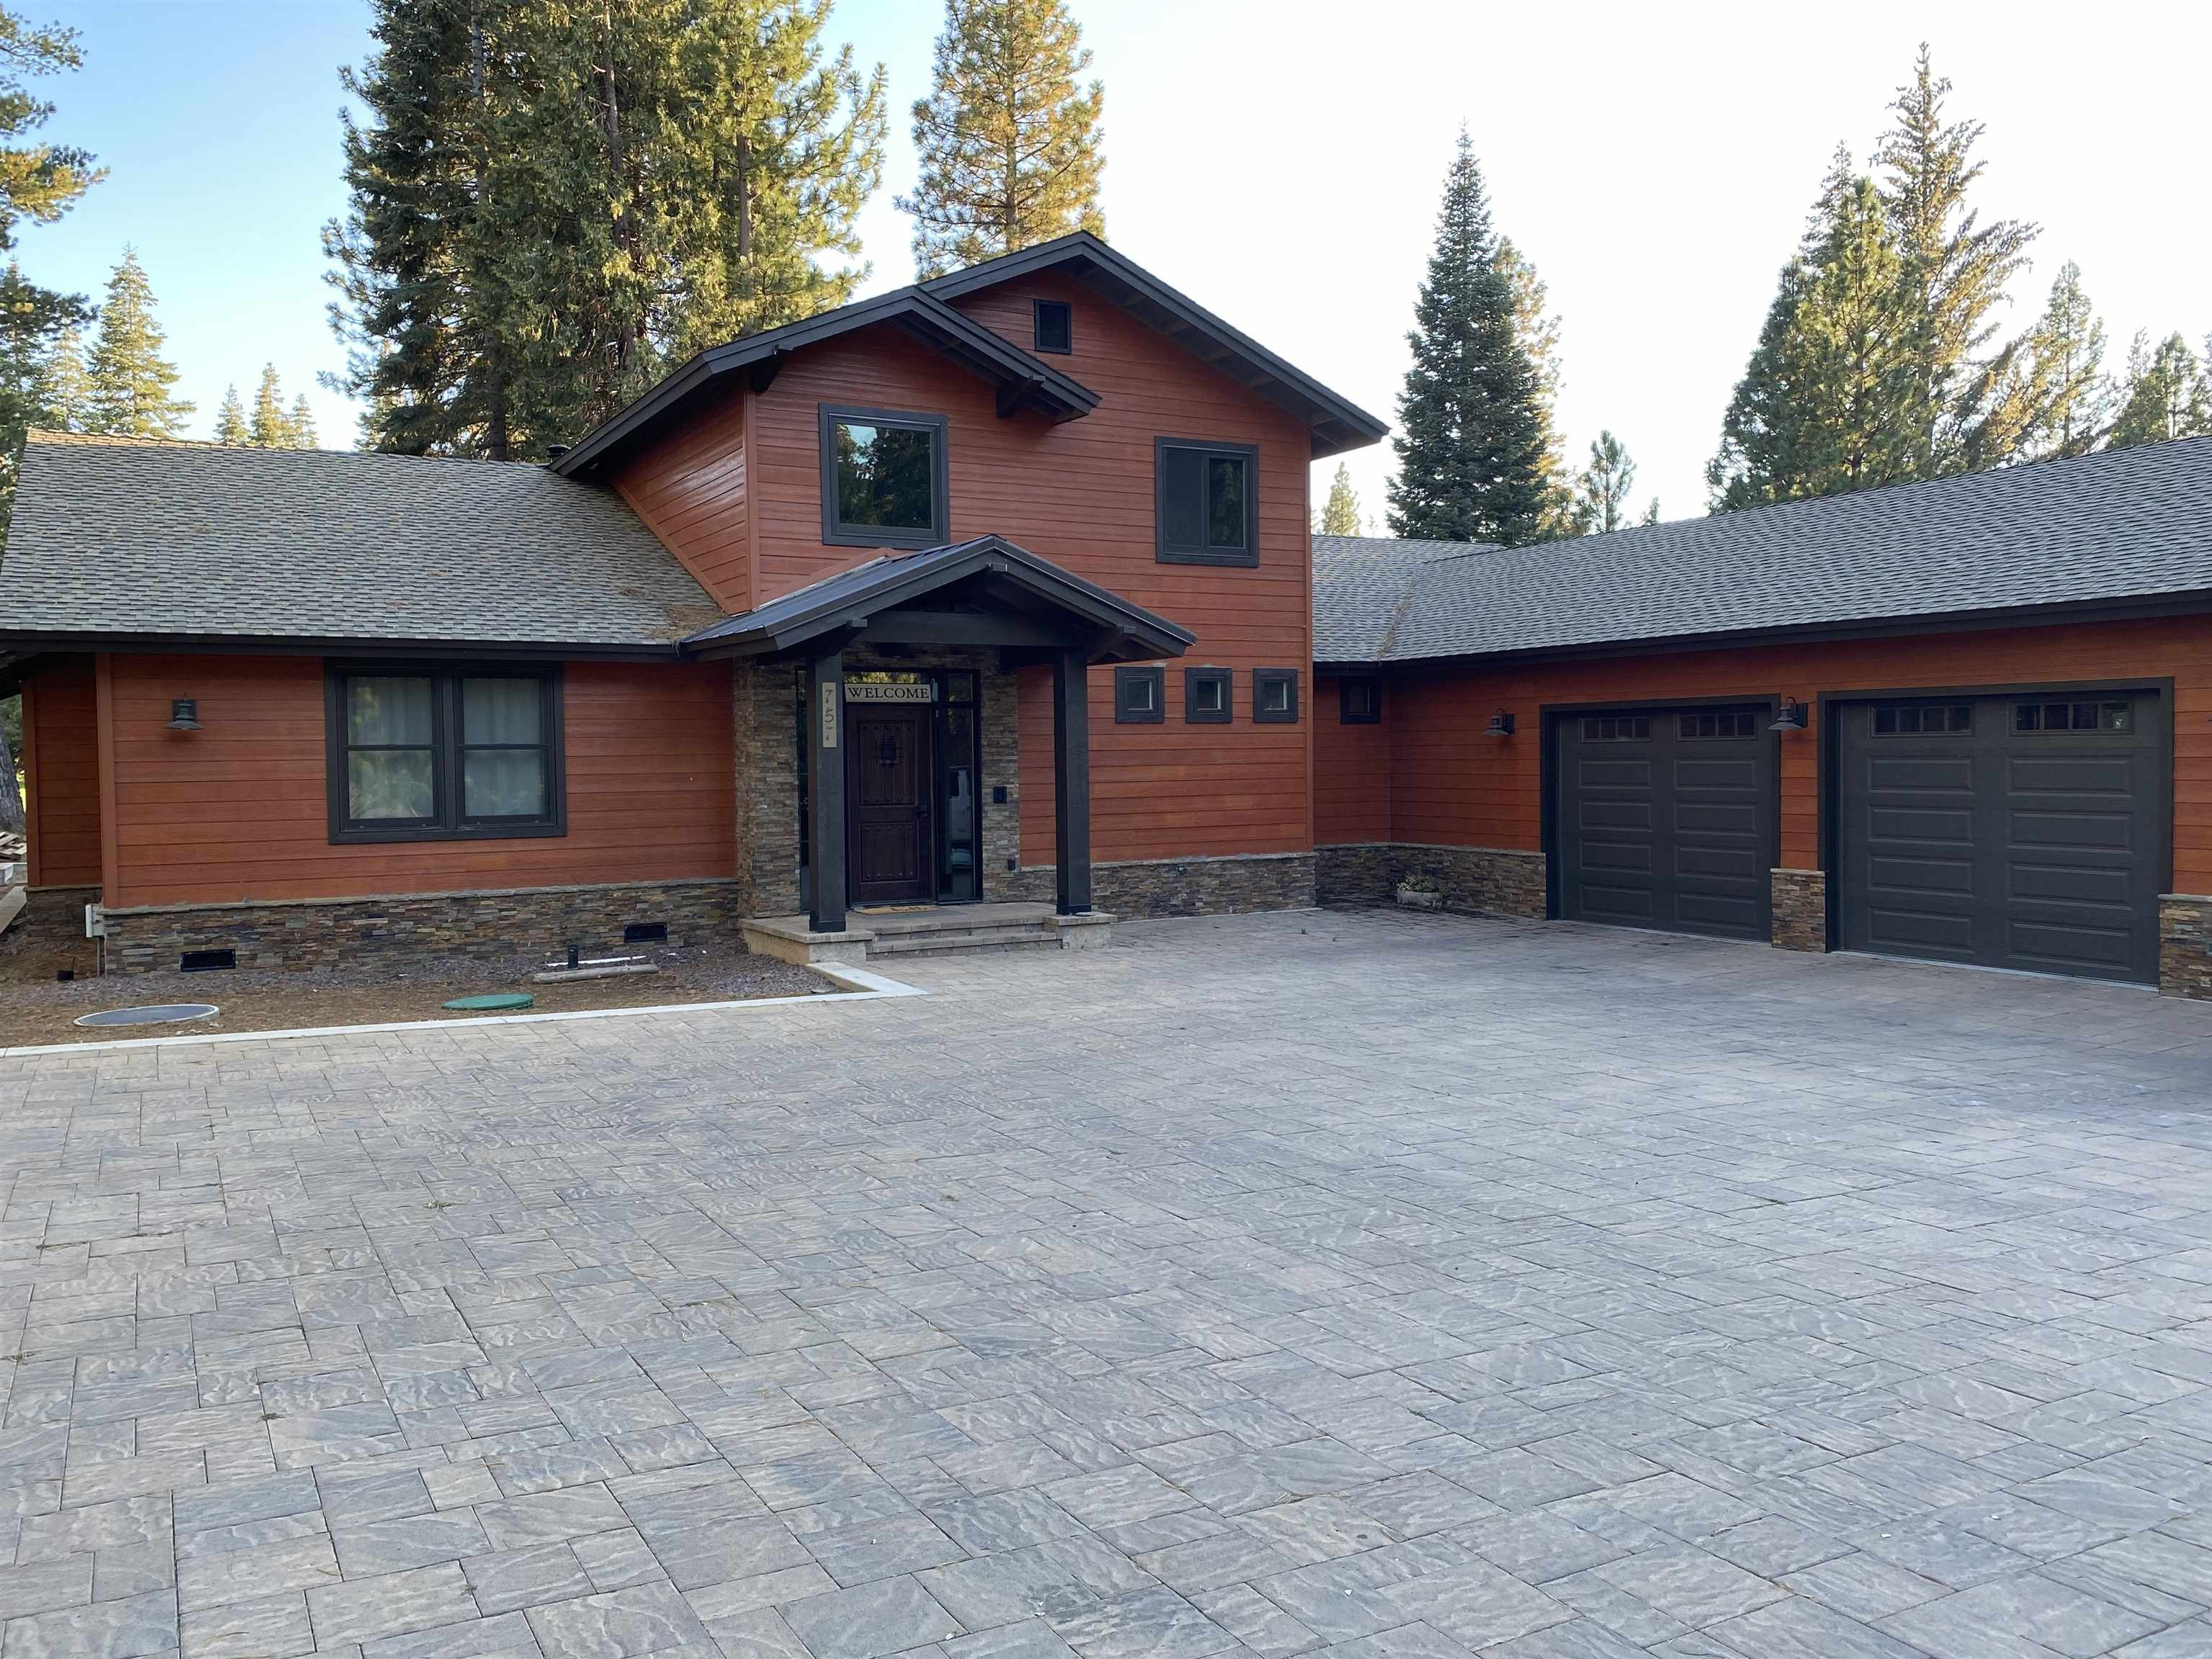 757 Red River Drive, Lake Almanor, CA 96137